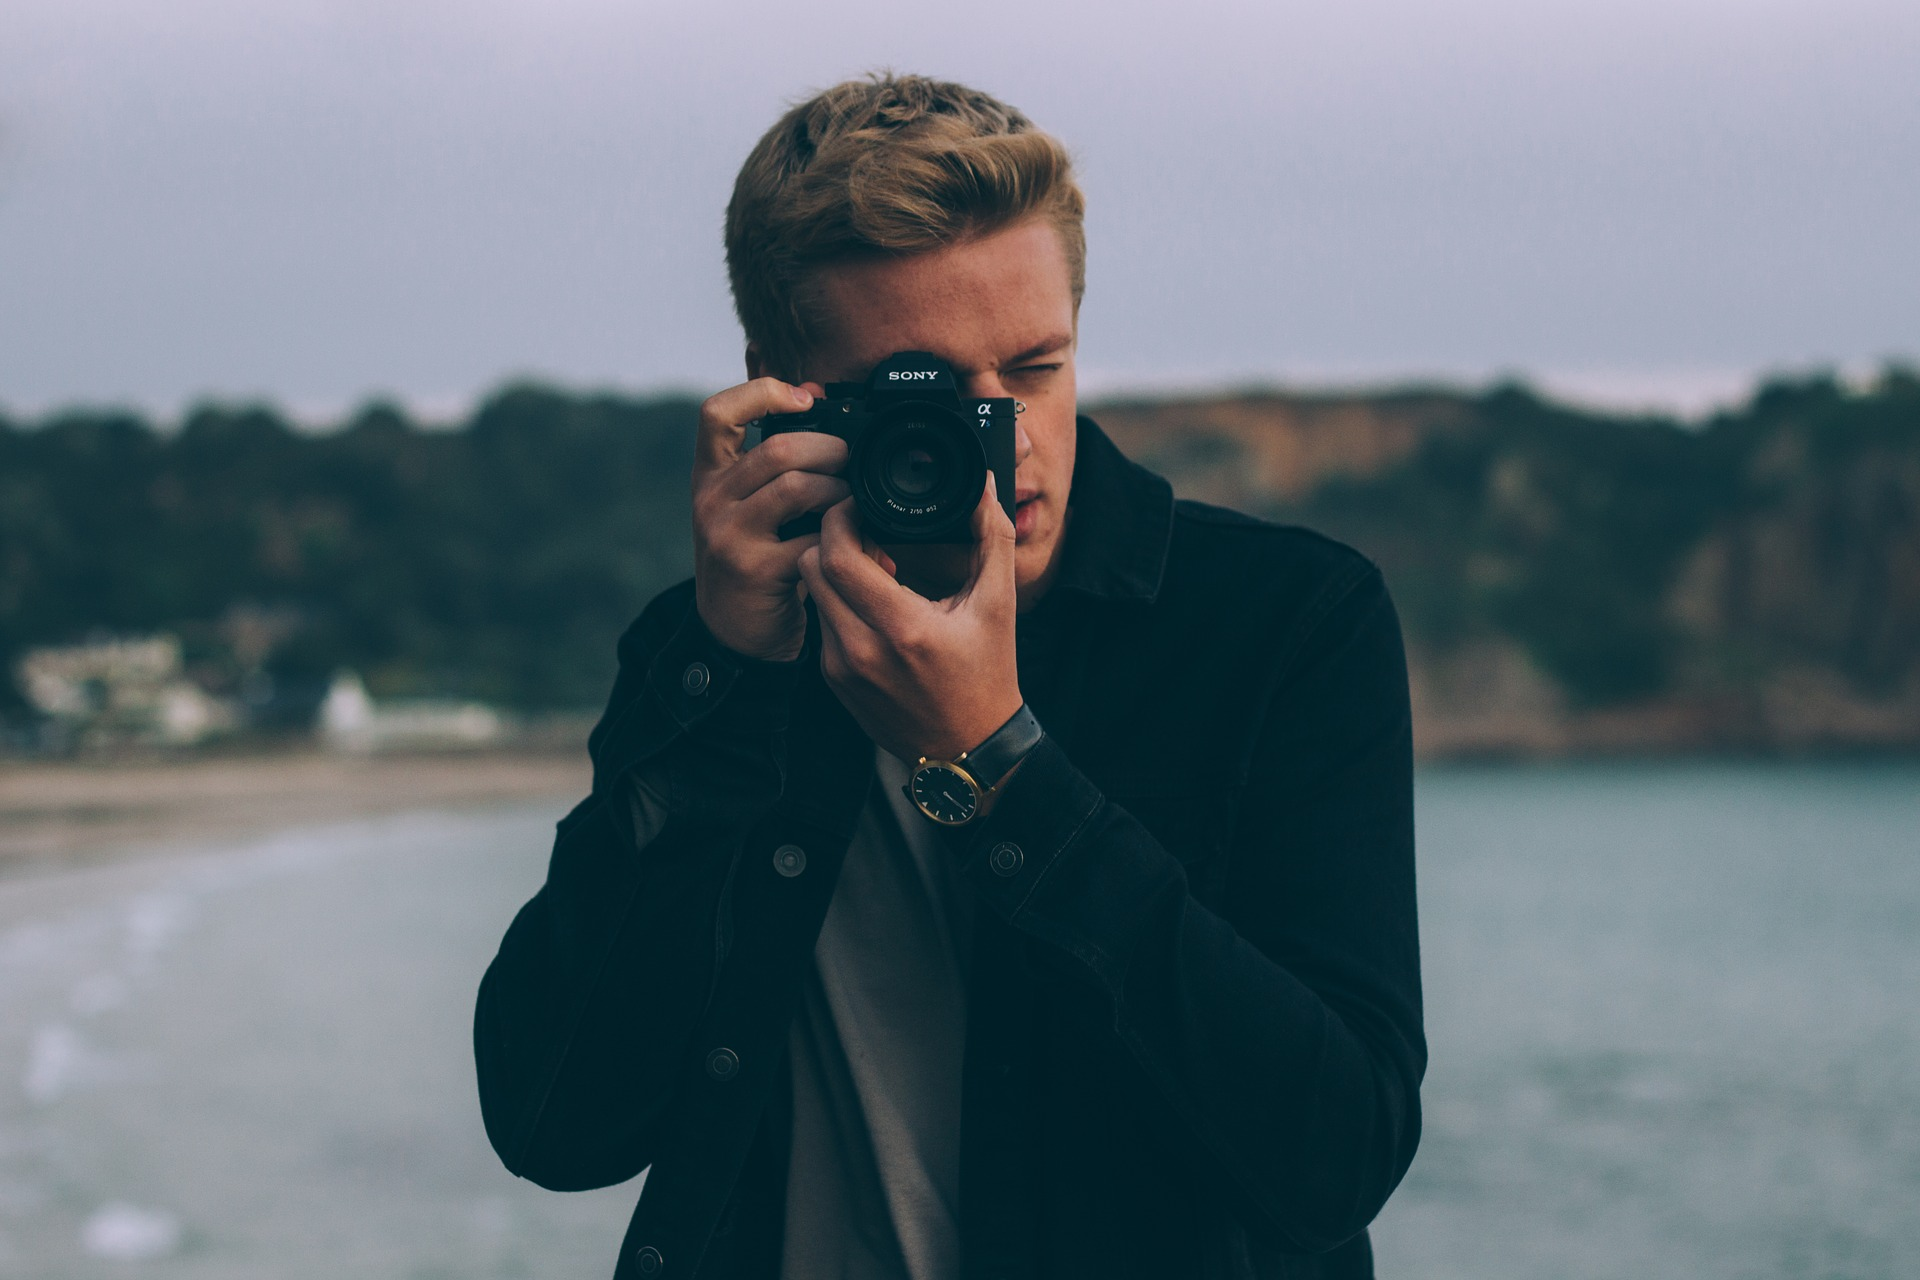 objetivos recomendados para empezar en fotografía_motivo